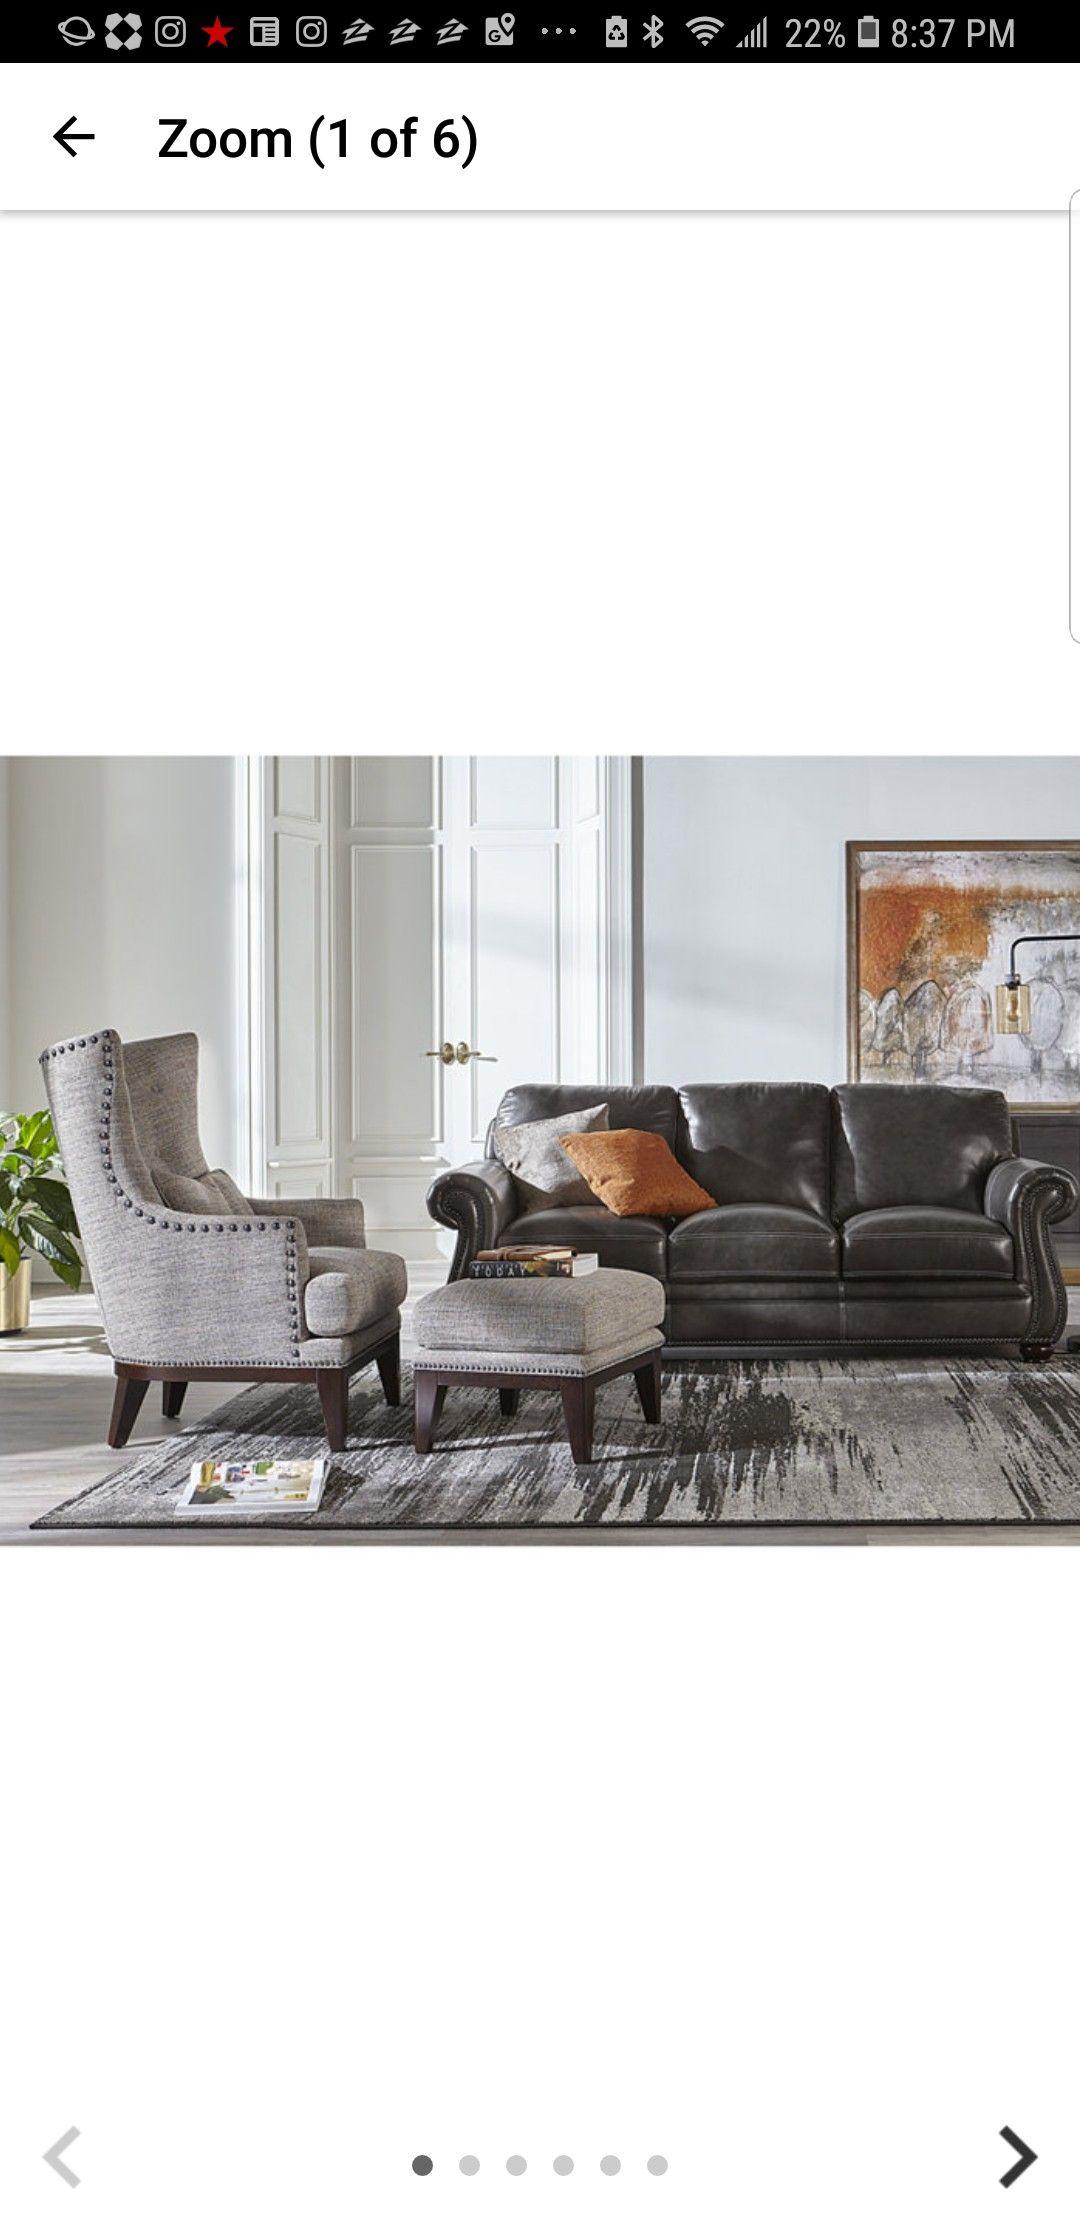 Pin by Diane SainolaArrigan on Furniture Furniture